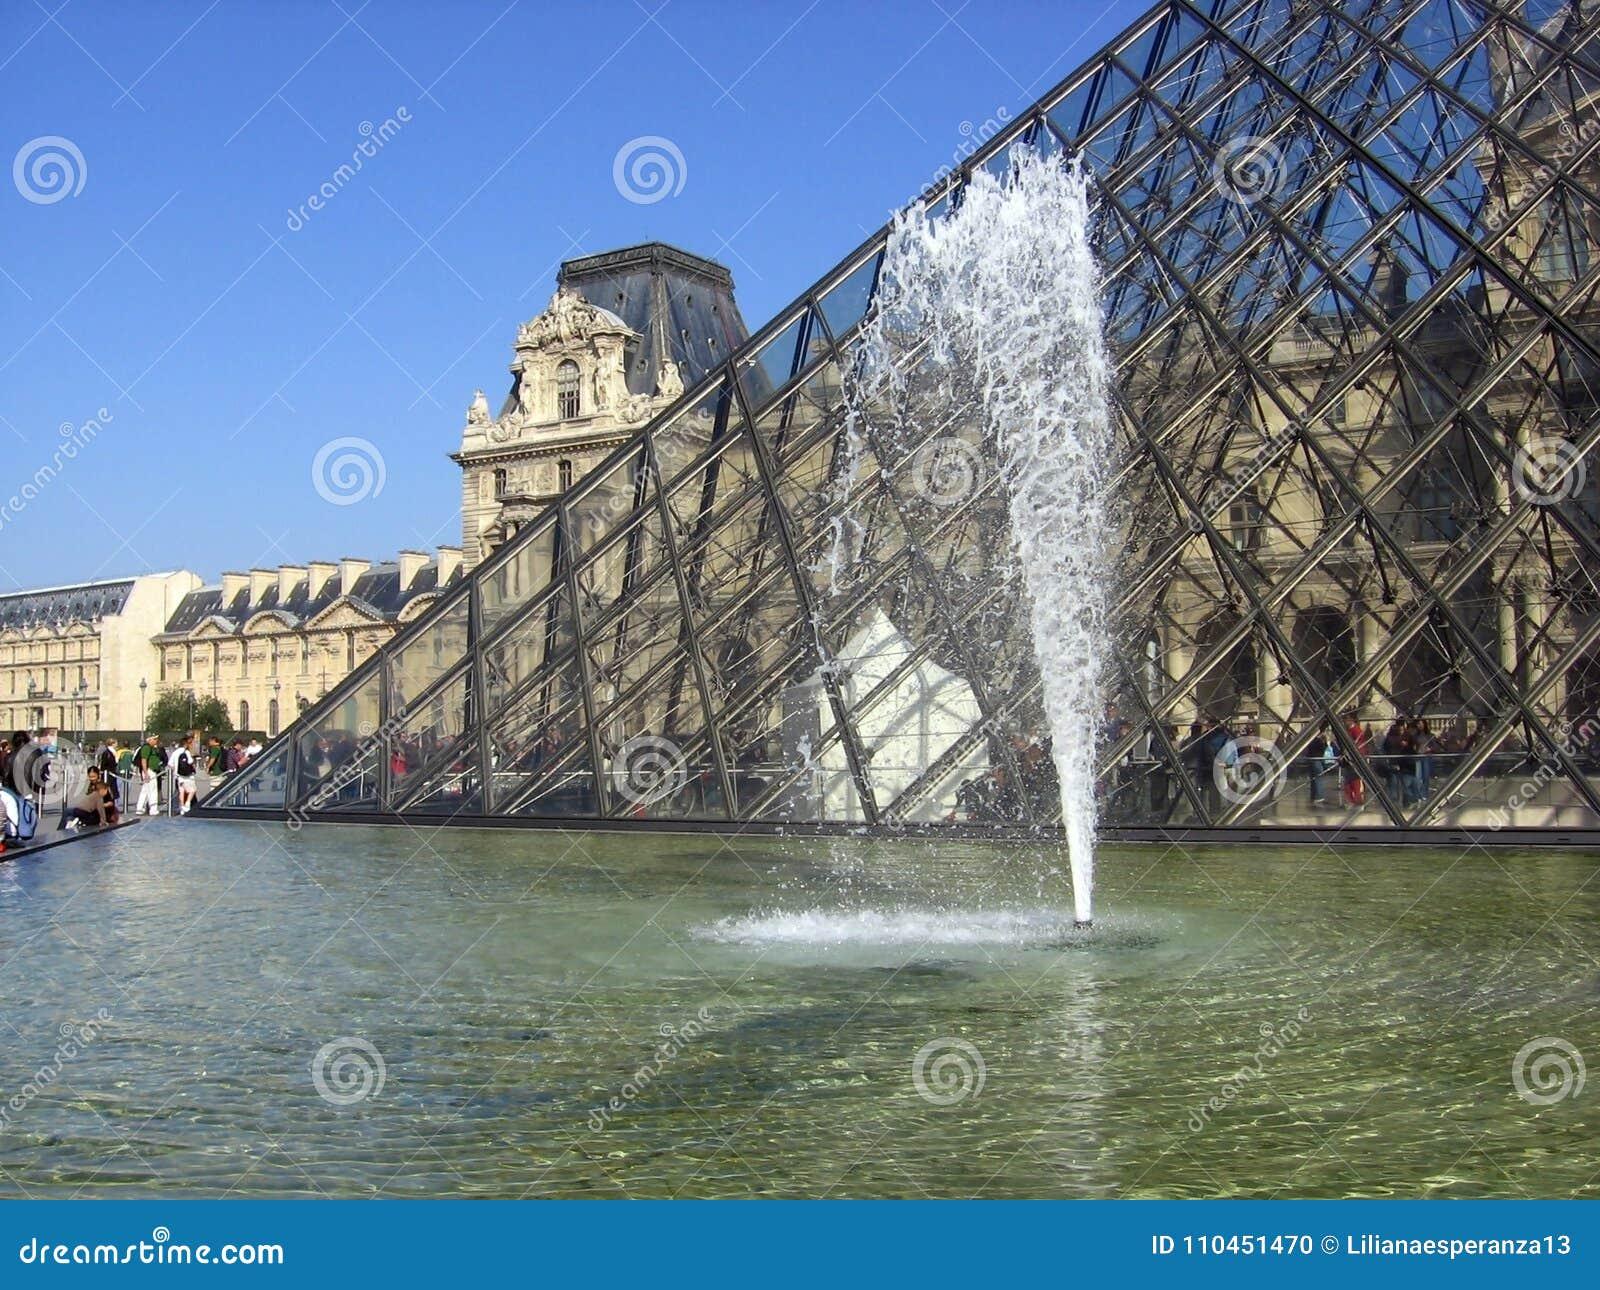 Den härliga sikten av Louvremuseet glasade pyramiden och springbrunnen med vattenstrålen